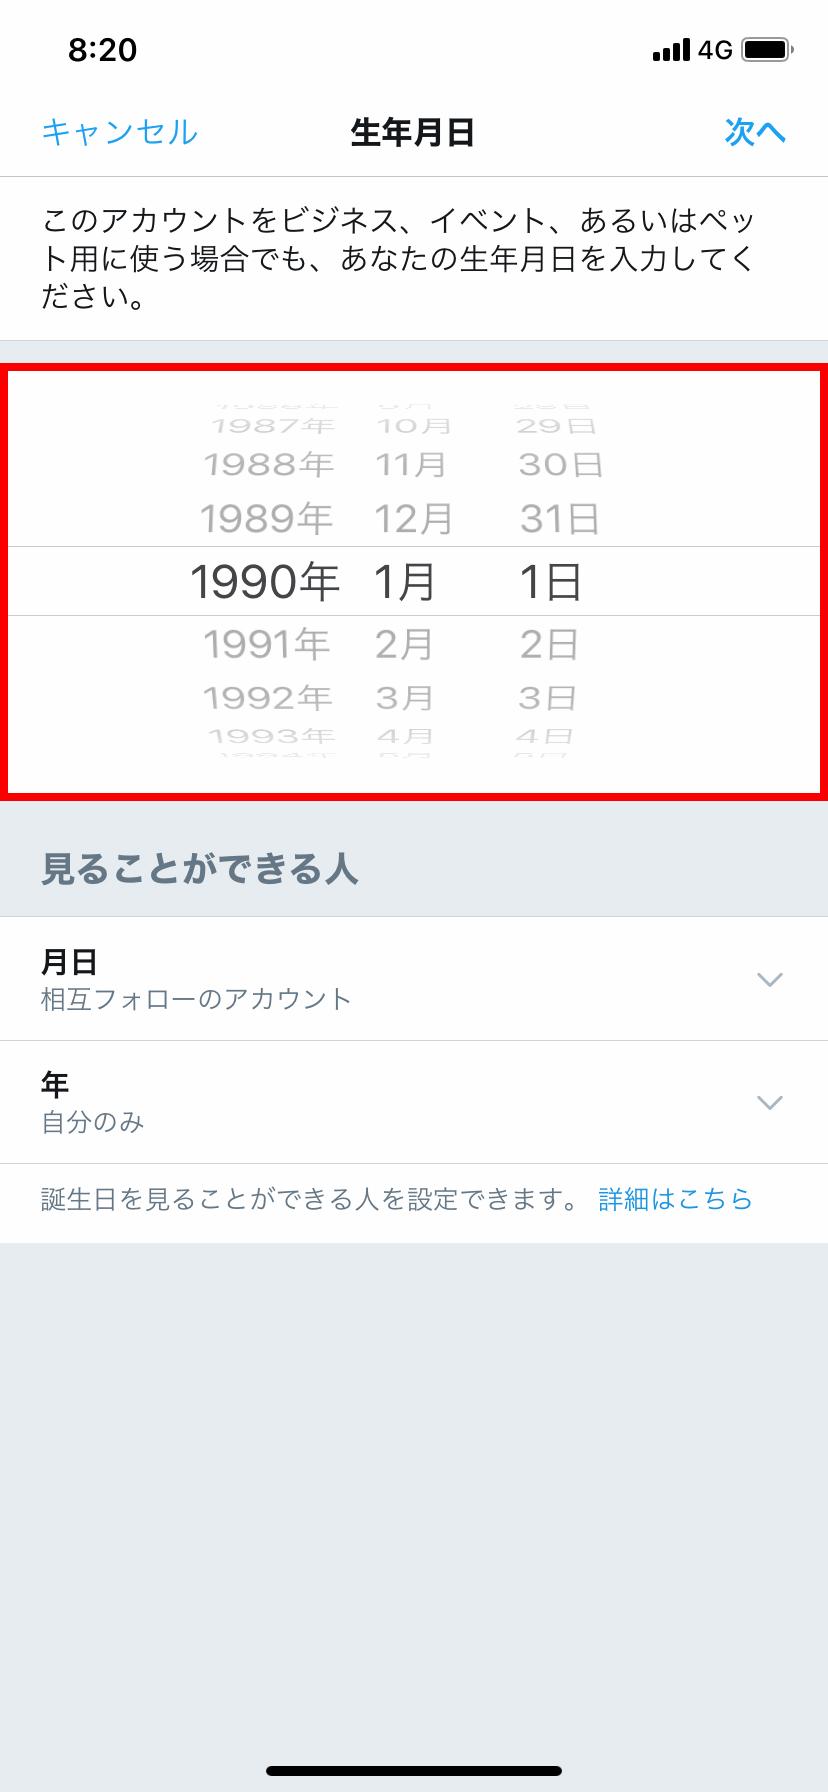 Twitterの生年月日を選択